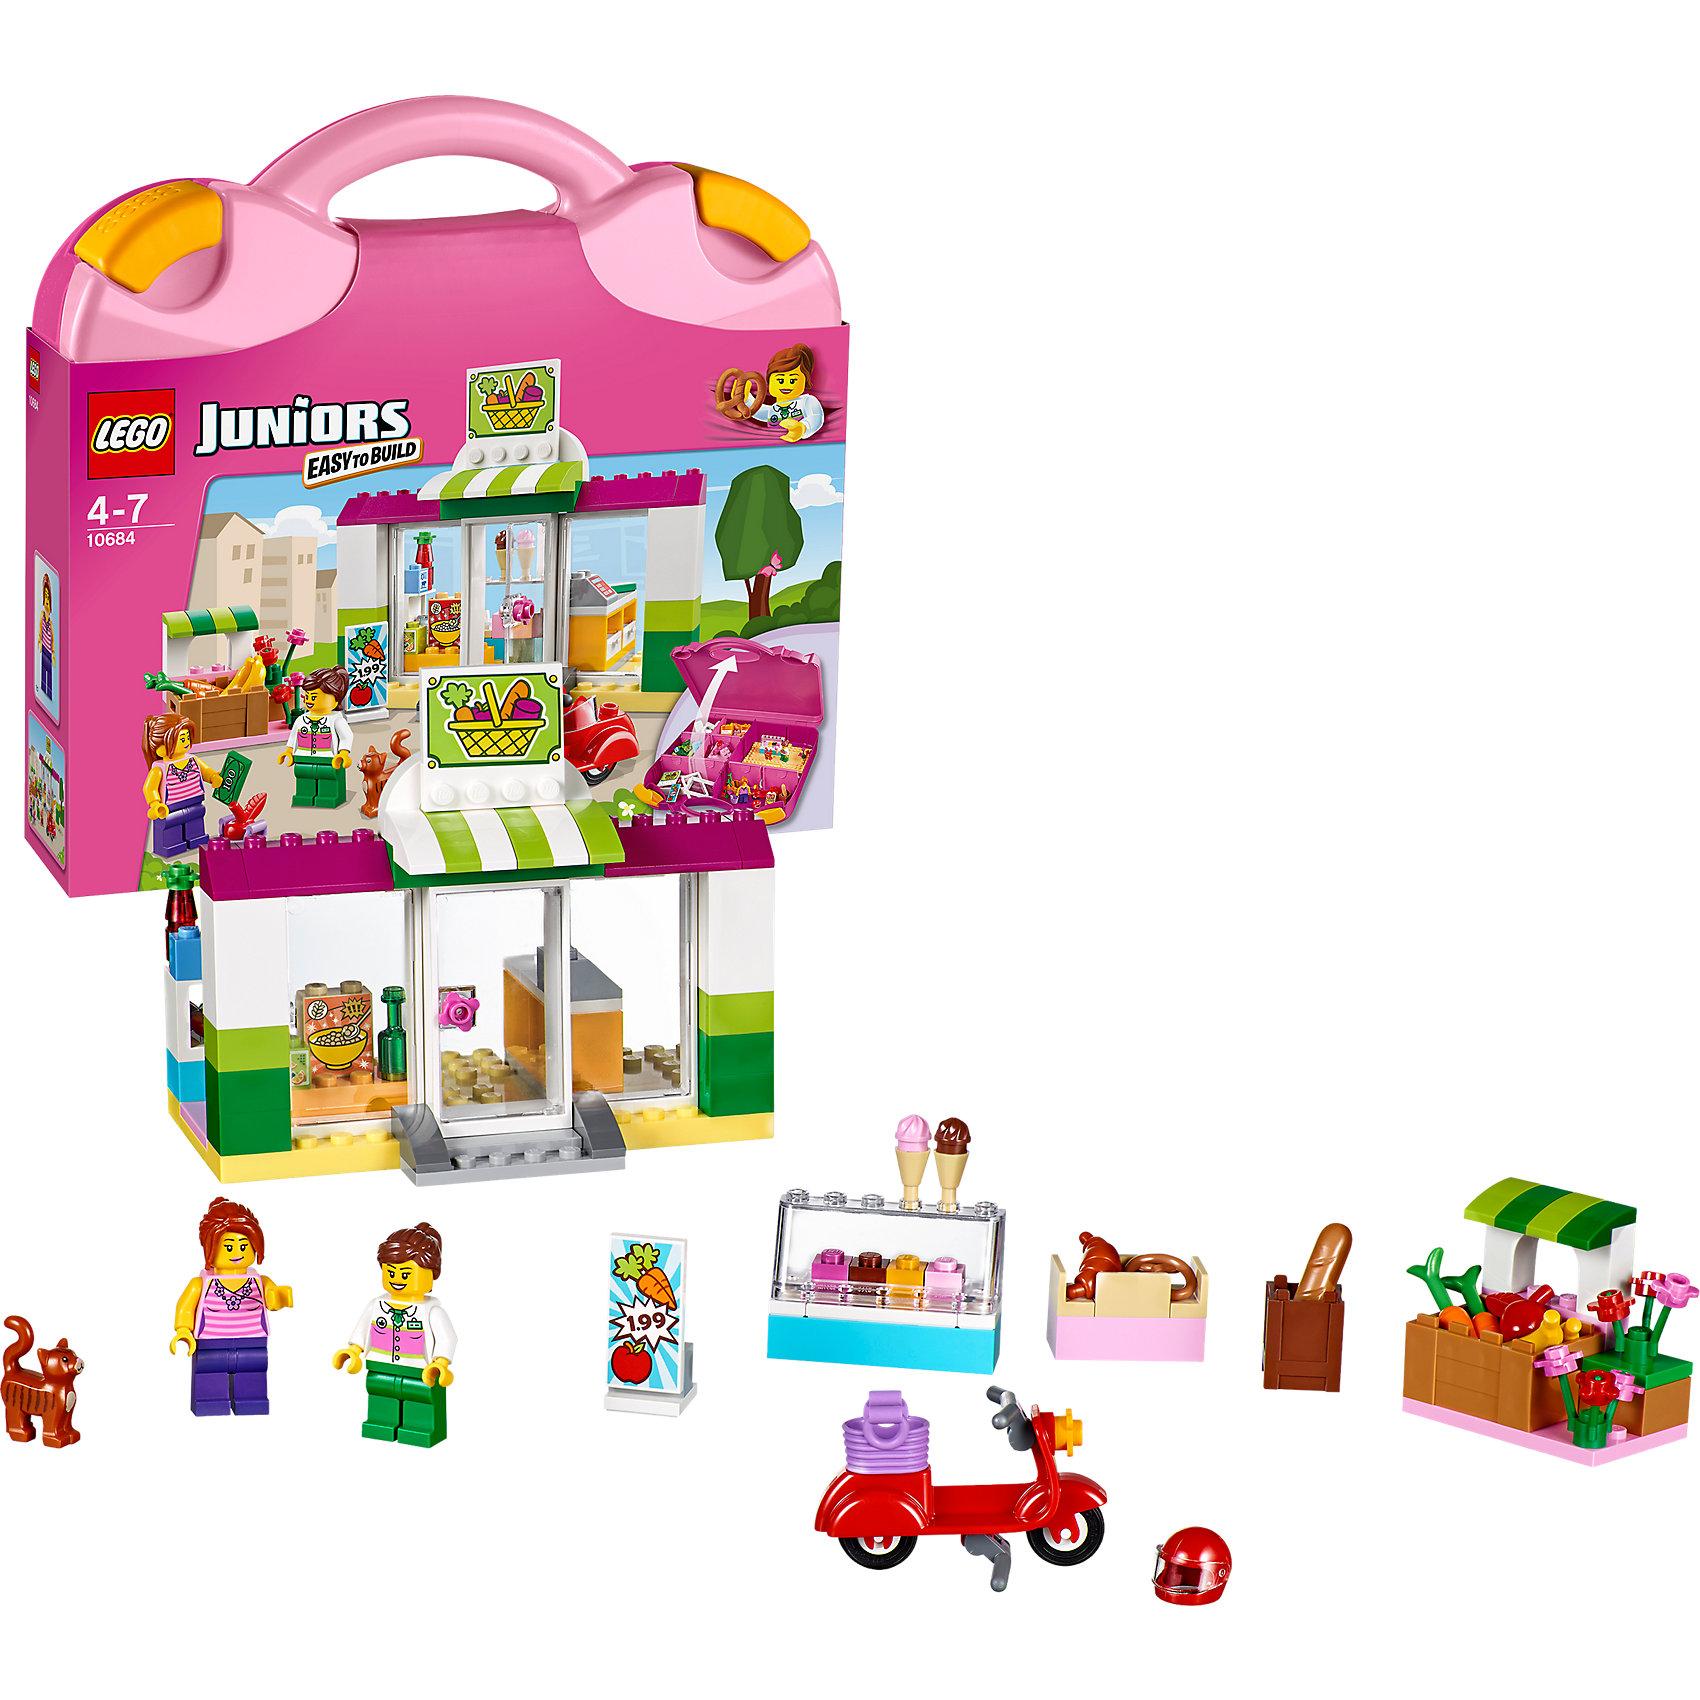 LEGO Juniors 10684: Чемоданчик «Супермаркет»Конструктор LEGO Juniors (ЛЕГО Джуниорс) 10684: Чемоданчик «Супермаркет» поможет малышам разыграть интересные истории из городской жизни. В удобном и компактном чемоданчике ребенок найдет множество аксессуаров, которые сделают игру по-настоящему увлекательной и реалистичной. Построив здание супермаркета, малыш увидит за стеклянной дверью кассу и прилавок за которым работает вежливый продавец. Он обязательно расскажет покупателю о новинках ассортимента. На красивых прилавках разложено множество нужных товаров. Перед зданием супермаркета расположились палатки с овощами и фруктами и цветочный ларек. Рекламный щит сообщает посетителям супермаркета о сегодняшнем спецпредложении. Берите чемоданчик Супермаркет с собой в путешествие и на прогулку и Вам никогда не будет скучно в компании LEGO (ЛЕГО).<br><br>Серия конструкторов LEGO Juniors (ЛЕГО Джуниорс) - специально разработаны для детей от 4 до 7 лет. Размер кубиков и деталей соответствует обычным размерам. При этом наборы очень просты в сборке. Понятные инструкции позволяют детям быстро получить результат и приступить к игре. Конструкторы этой серии прекрасно детализированы, яркие, прочные, имеют множество различных сюжетов - идеально подходят для реалистичных и познавательных игр.<br><br>Дополнительная информация:<br><br>- Игра с конструктором  LEGO (ЛЕГО) развивает мелкую моторику ребенка, фантазию и воображение, учит его усидчивости и внимательности;<br>- В комплекте: 2 минифигурки (продавщица и покупательница), бутылки с водой, пакеты с соком и молоком, несколько видов выпечки, холодильник с мороженым, овощи, фрукты, цветы, вывеска, рекламный стенд, корзинка, мотоцикл, шлем и котёнок, детали набора; <br>- Количество деталей: 134 шт;<br>- Удобно хранить и брать с собой;<br>- Серия: LEGO Juniors (ЛЕГО Джуниорс);<br>- Материал: пластик;<br>- Размер упаковки: 28 х 26 х 6 см;<br>- Вес: 0,8 кг <br><br>Конструктор LEGO Juniors (ЛЕГО Джуниорс) 10684: Чемоданчик «Супермаркет» можно 